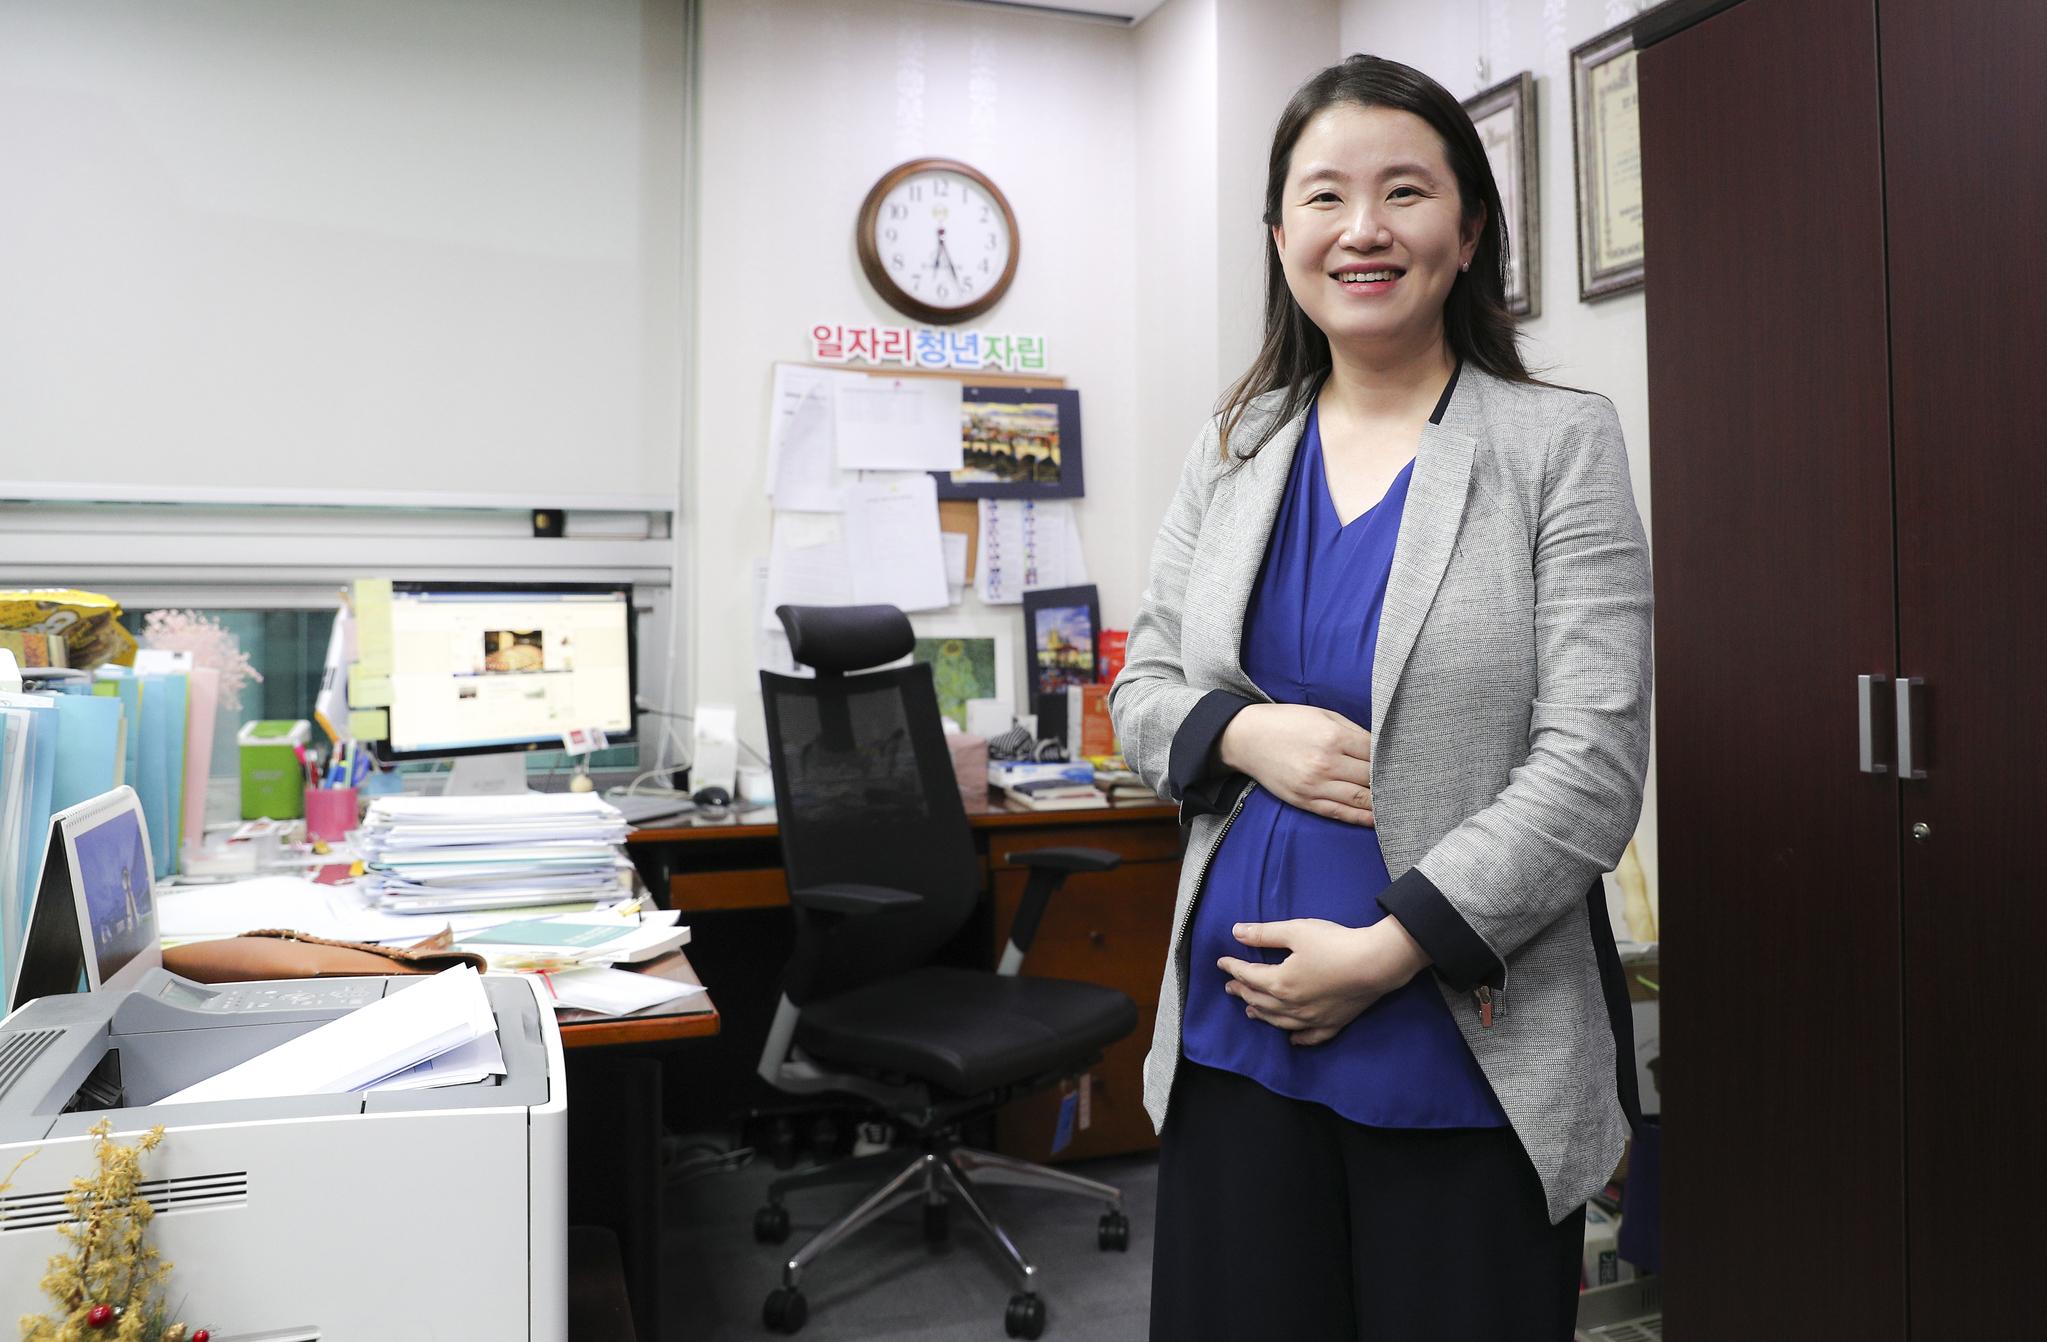 자신의 국회의원 사물실에서 포즈를 취하고 있는 신보라 자유한국당 의원. [중앙포토]